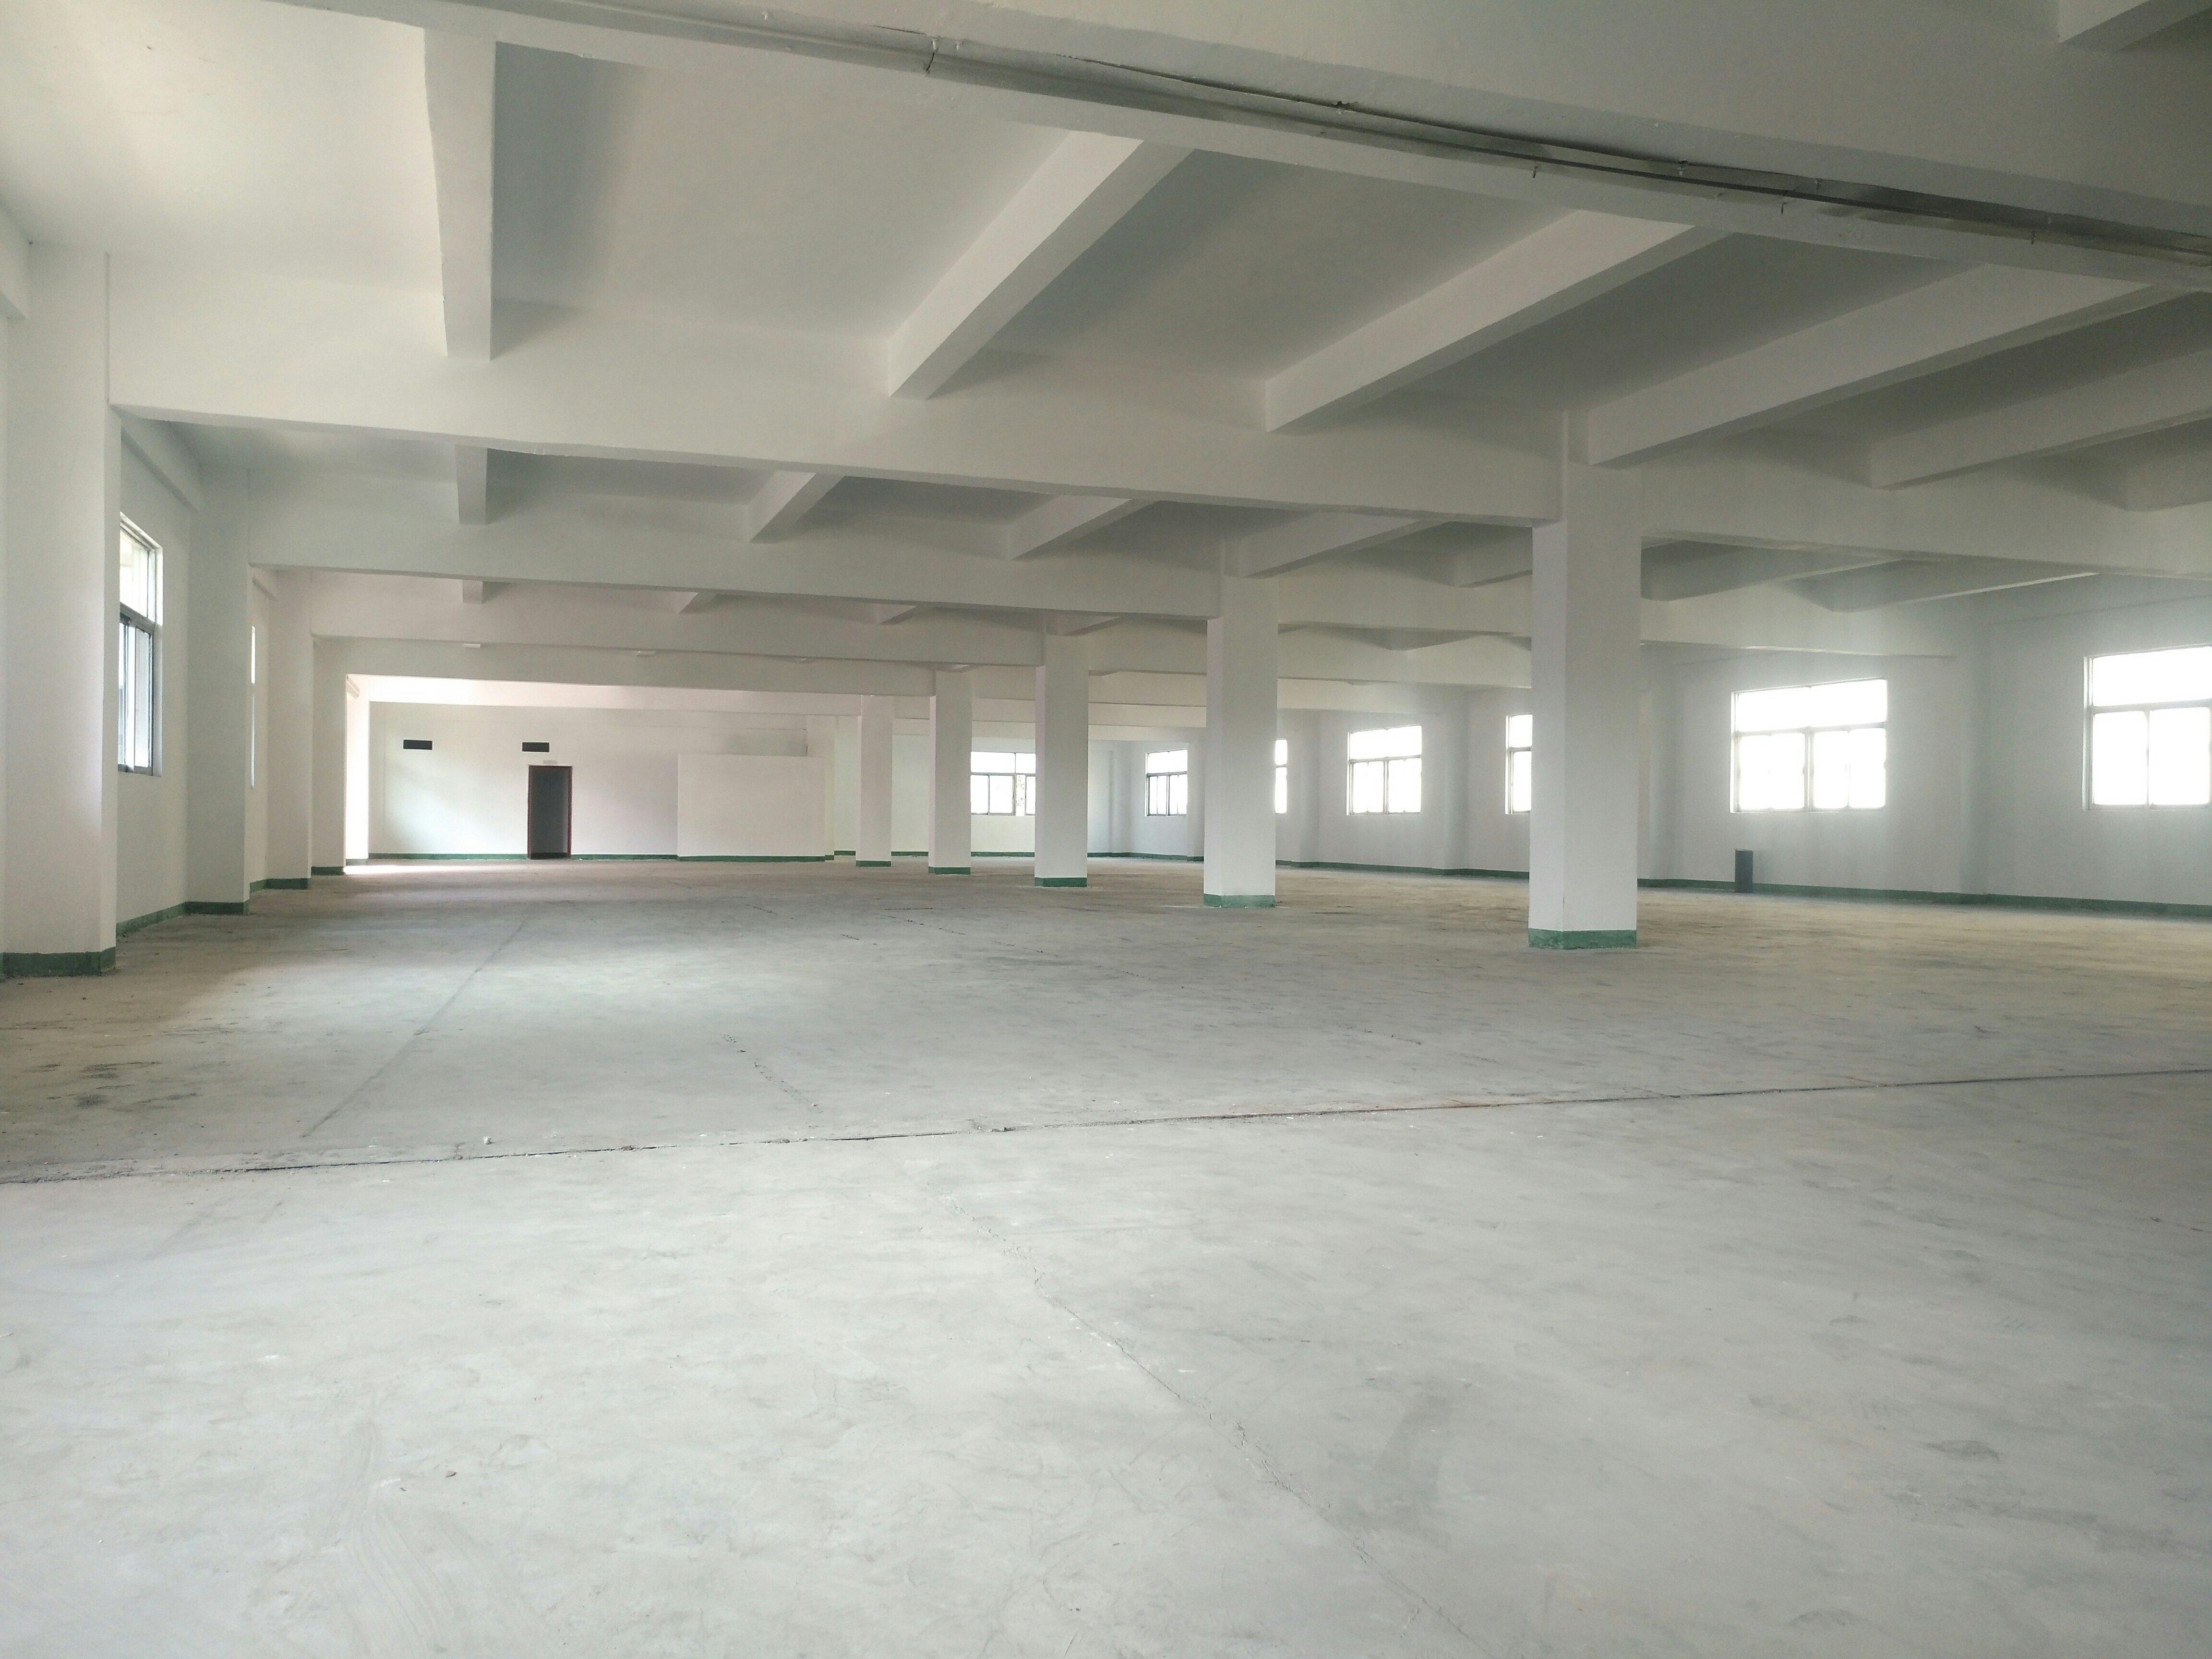 清溪镇全新标准厂房1至6层,每层4000平方分租-图3